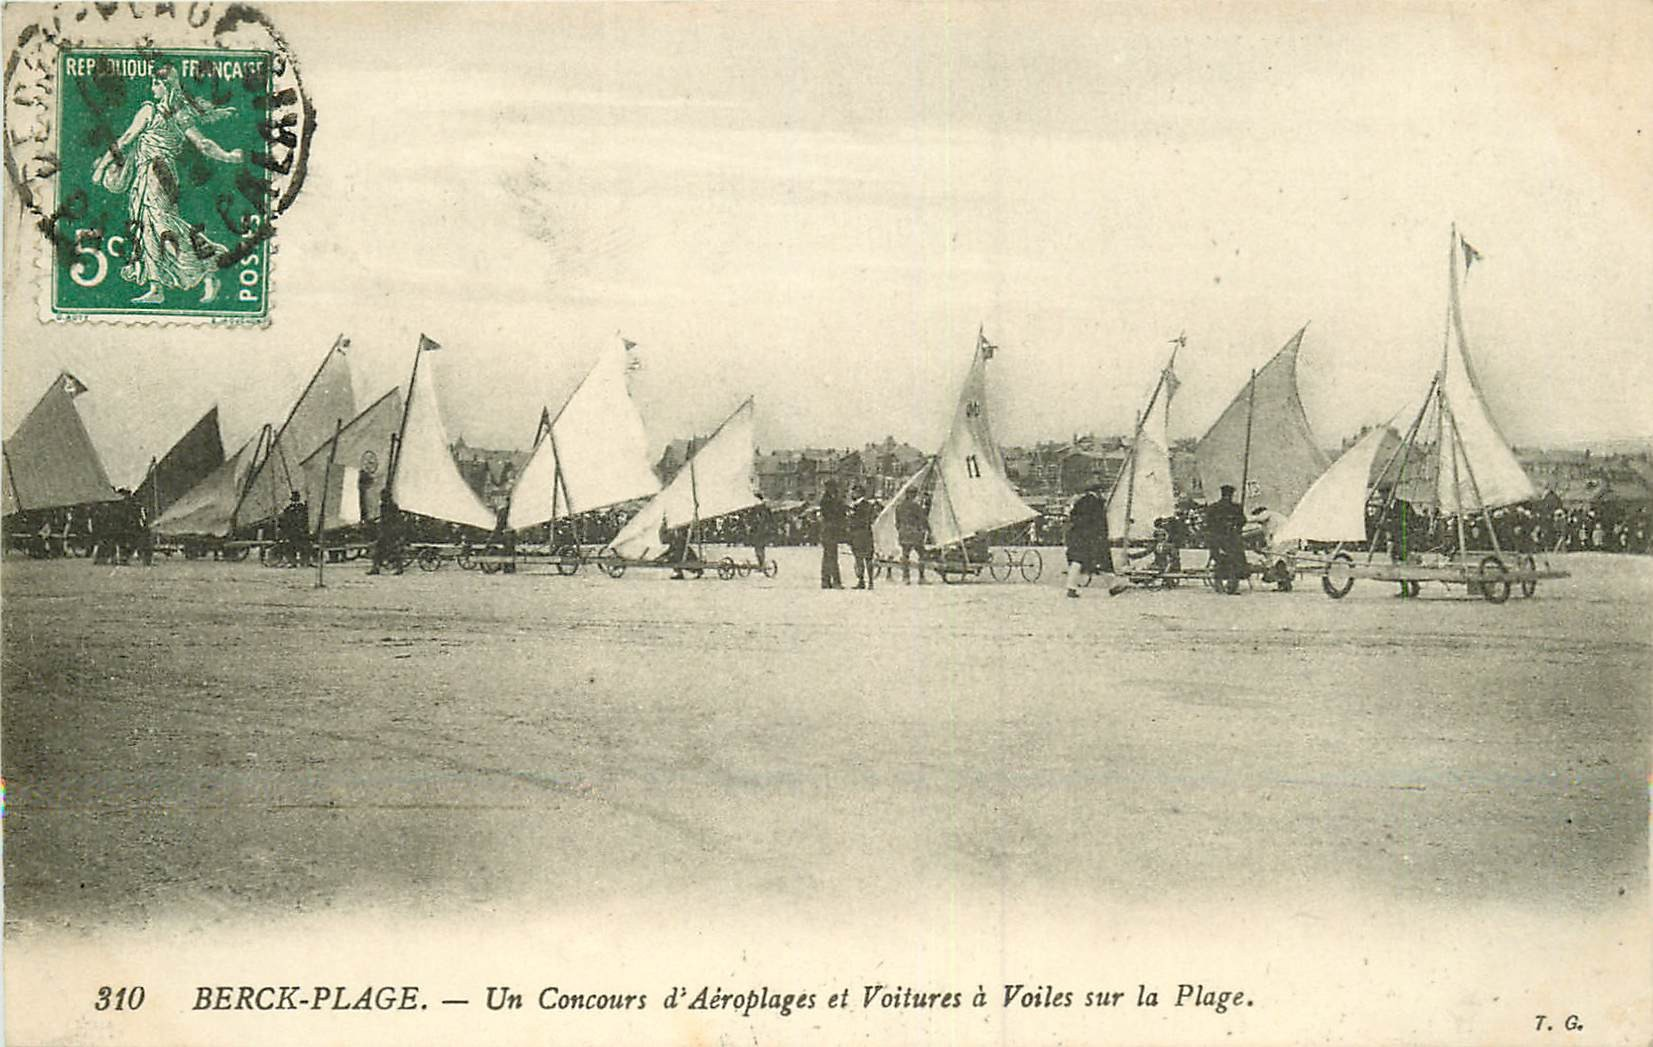 WW 62 BERCK-PLAGE. Concours d'Aéroplanes et Voitures à Voiles 1912